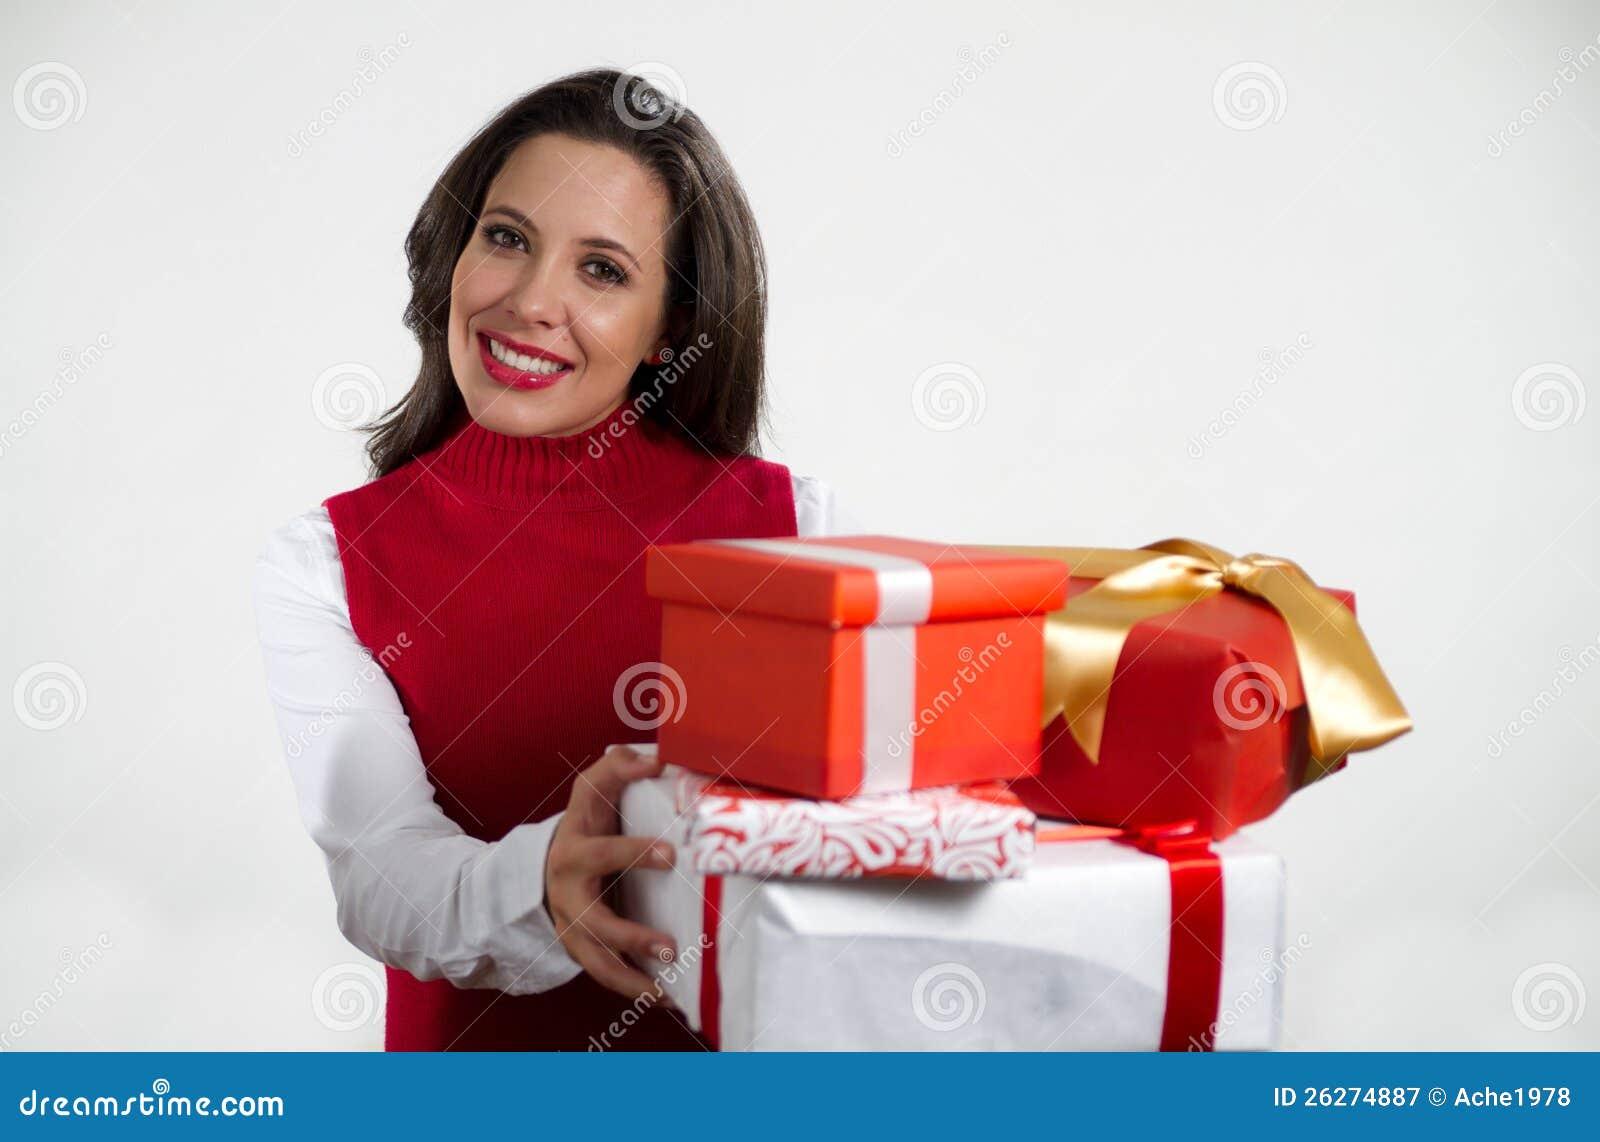 Schöne Frauenholding Weihnachtsgeschenke Stockbild - Bild von jung ...